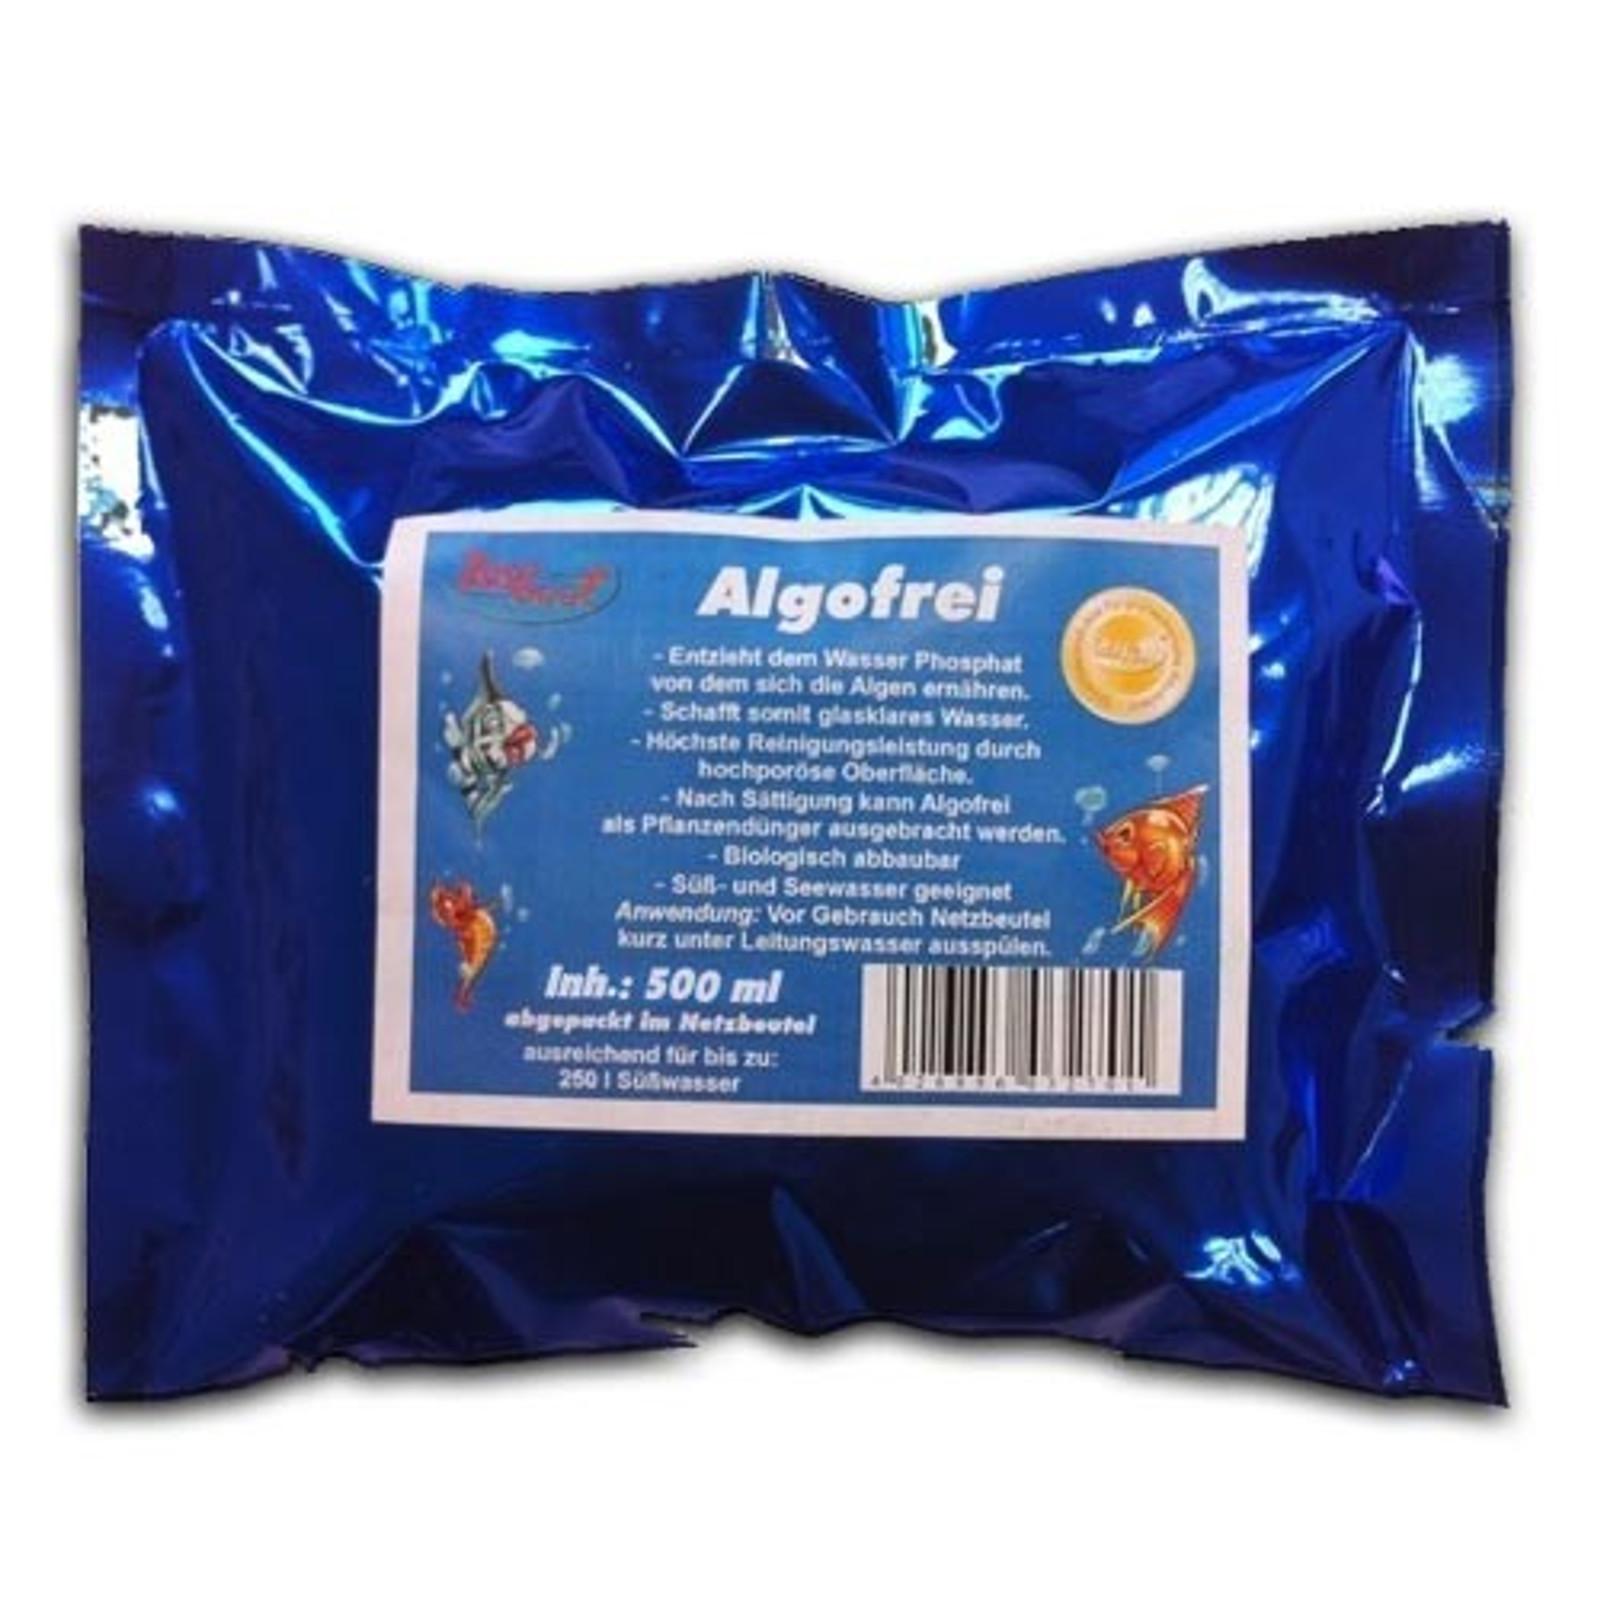 Algofrei 500 ml